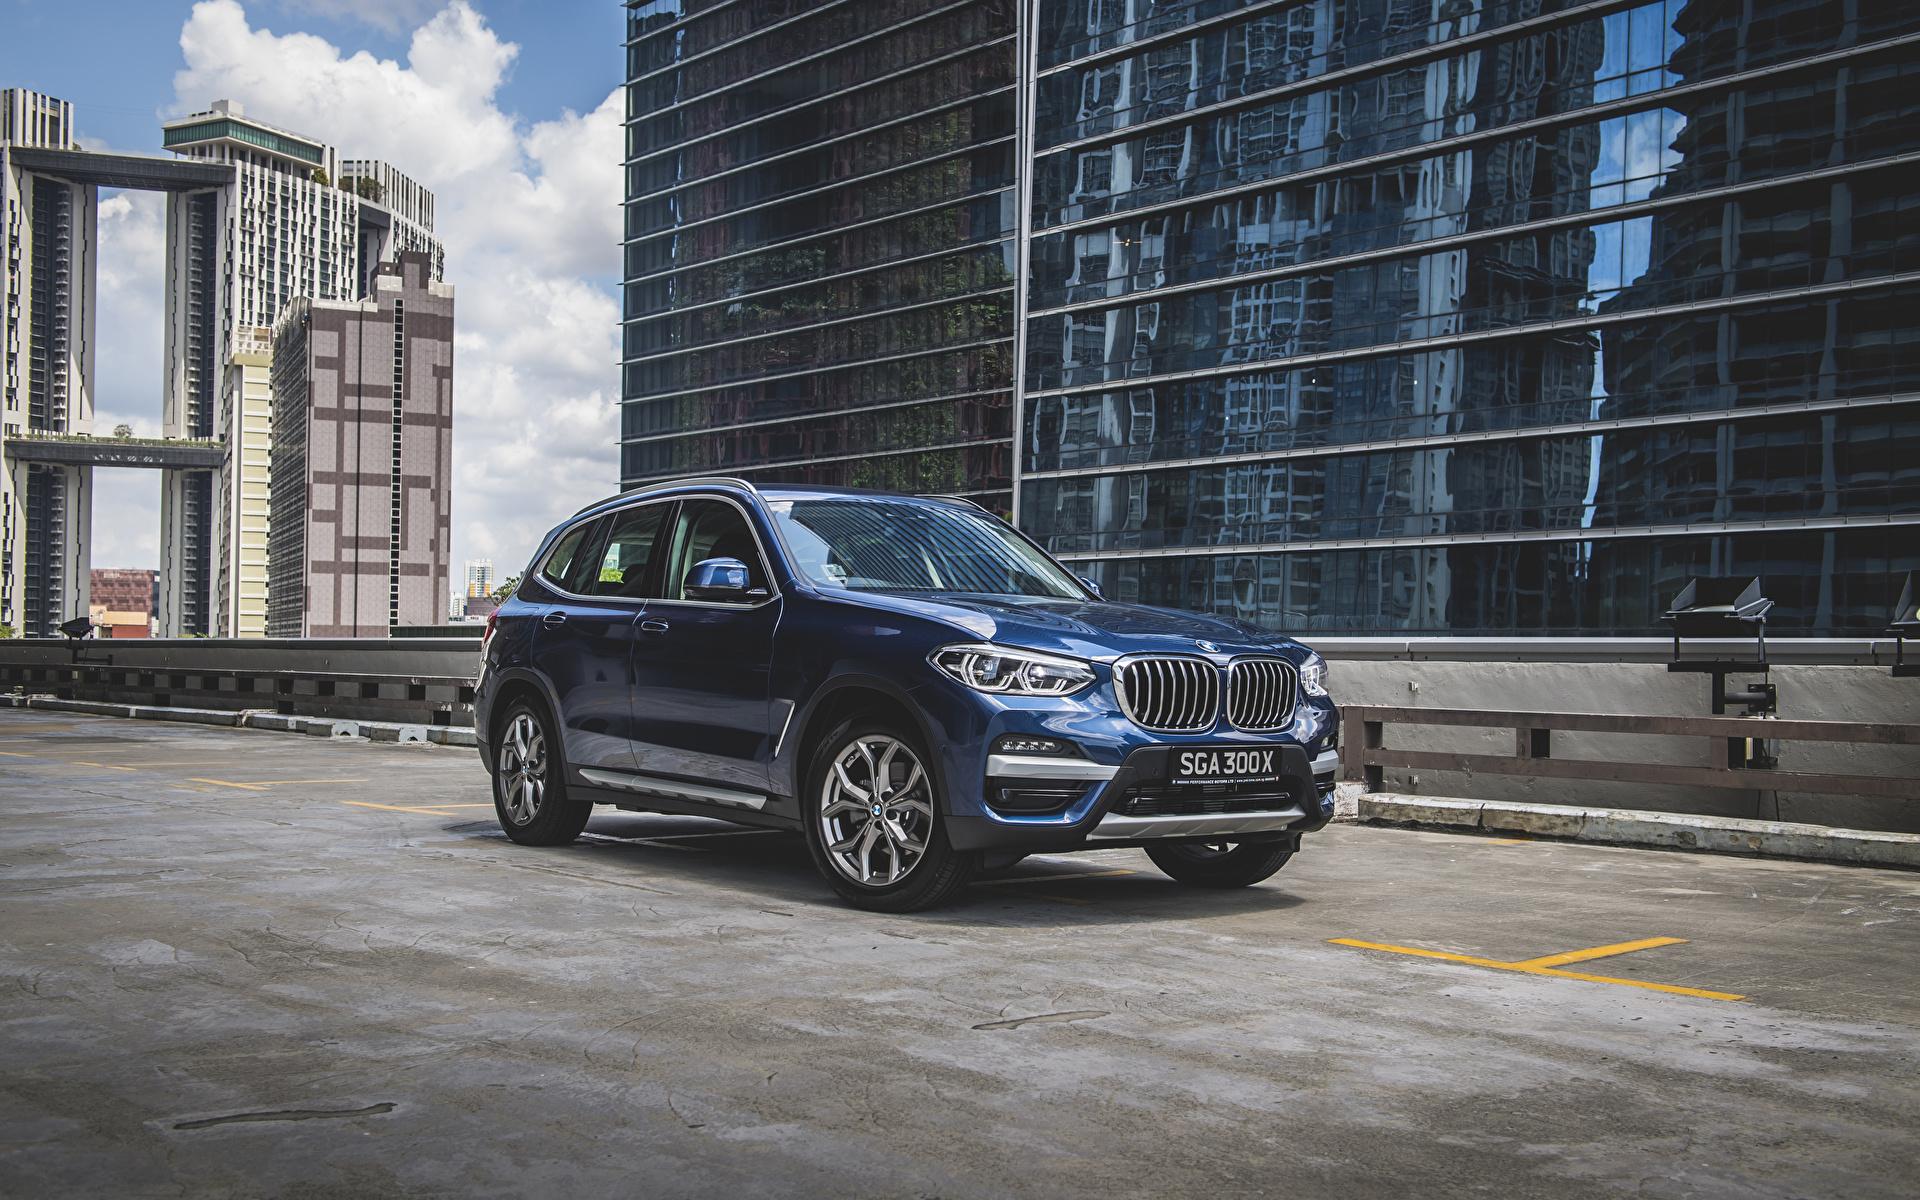 Фотография БМВ Кроссовер 2020 X3 xDrive30e xLine Синий Металлик Автомобили 1920x1200 BMW CUV синяя синие синих авто машины машина автомобиль